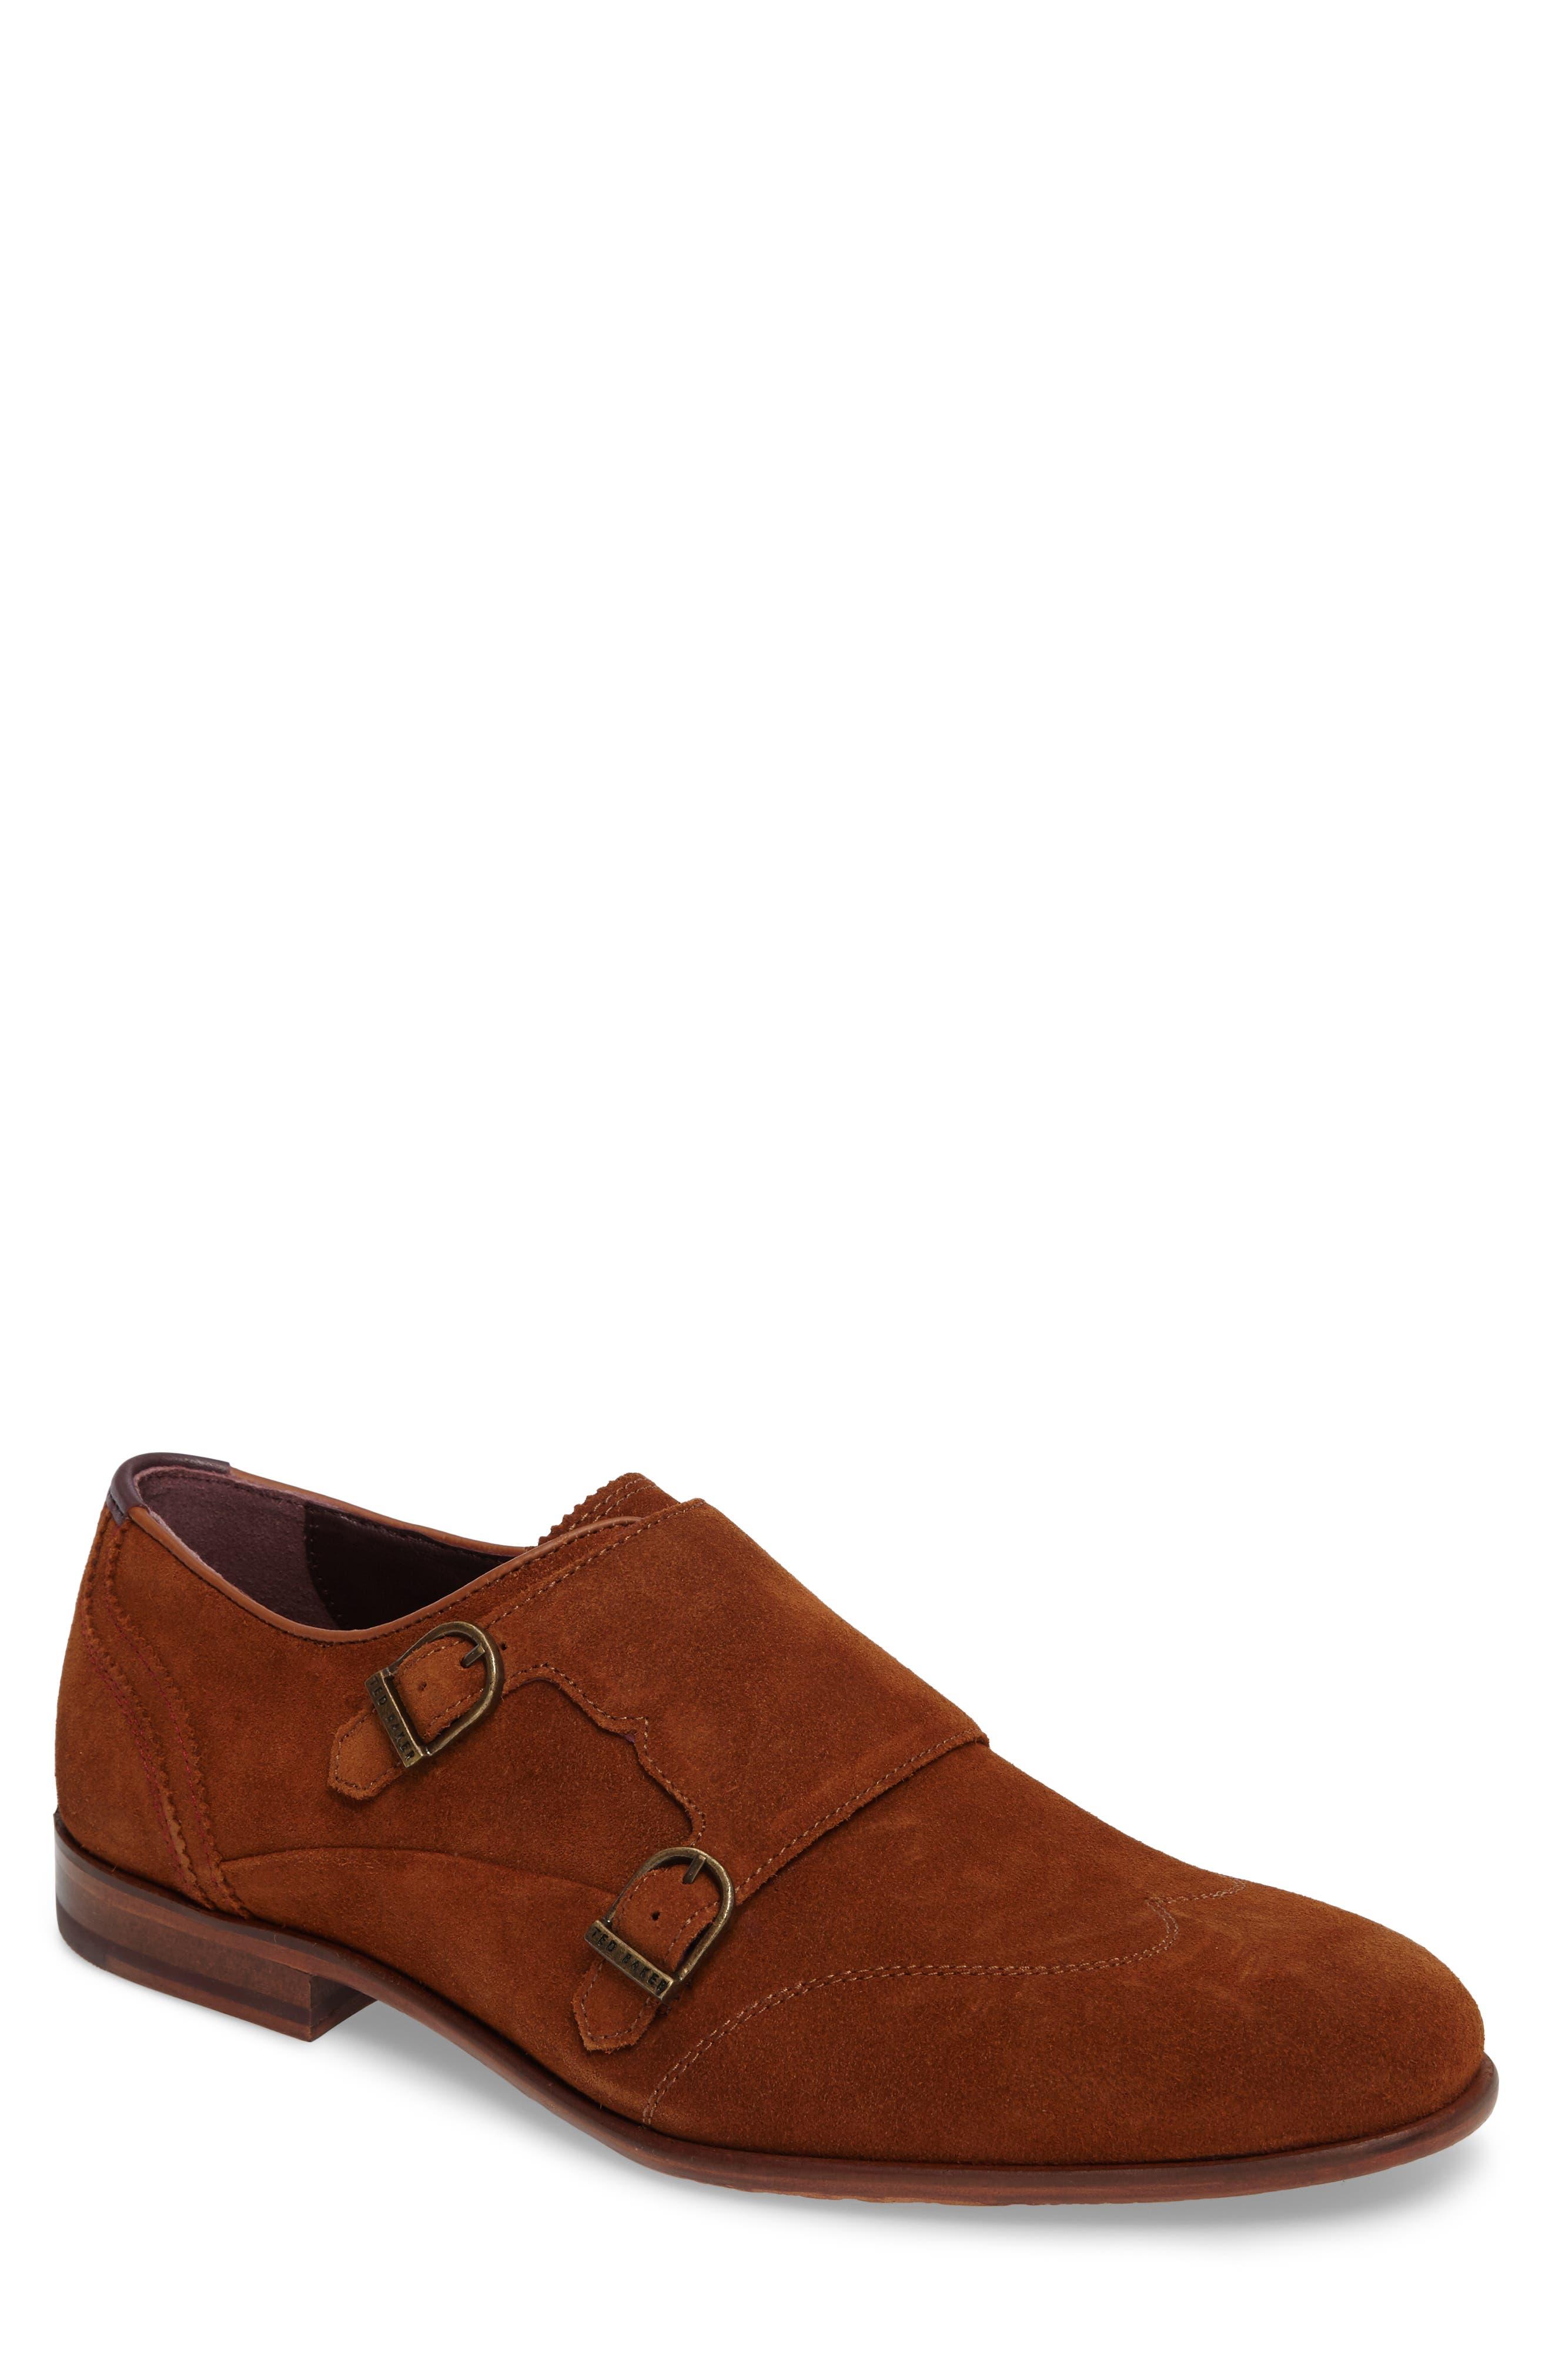 Rovere Wingtip Monk Shoe,                         Main,                         color, Tan Suede